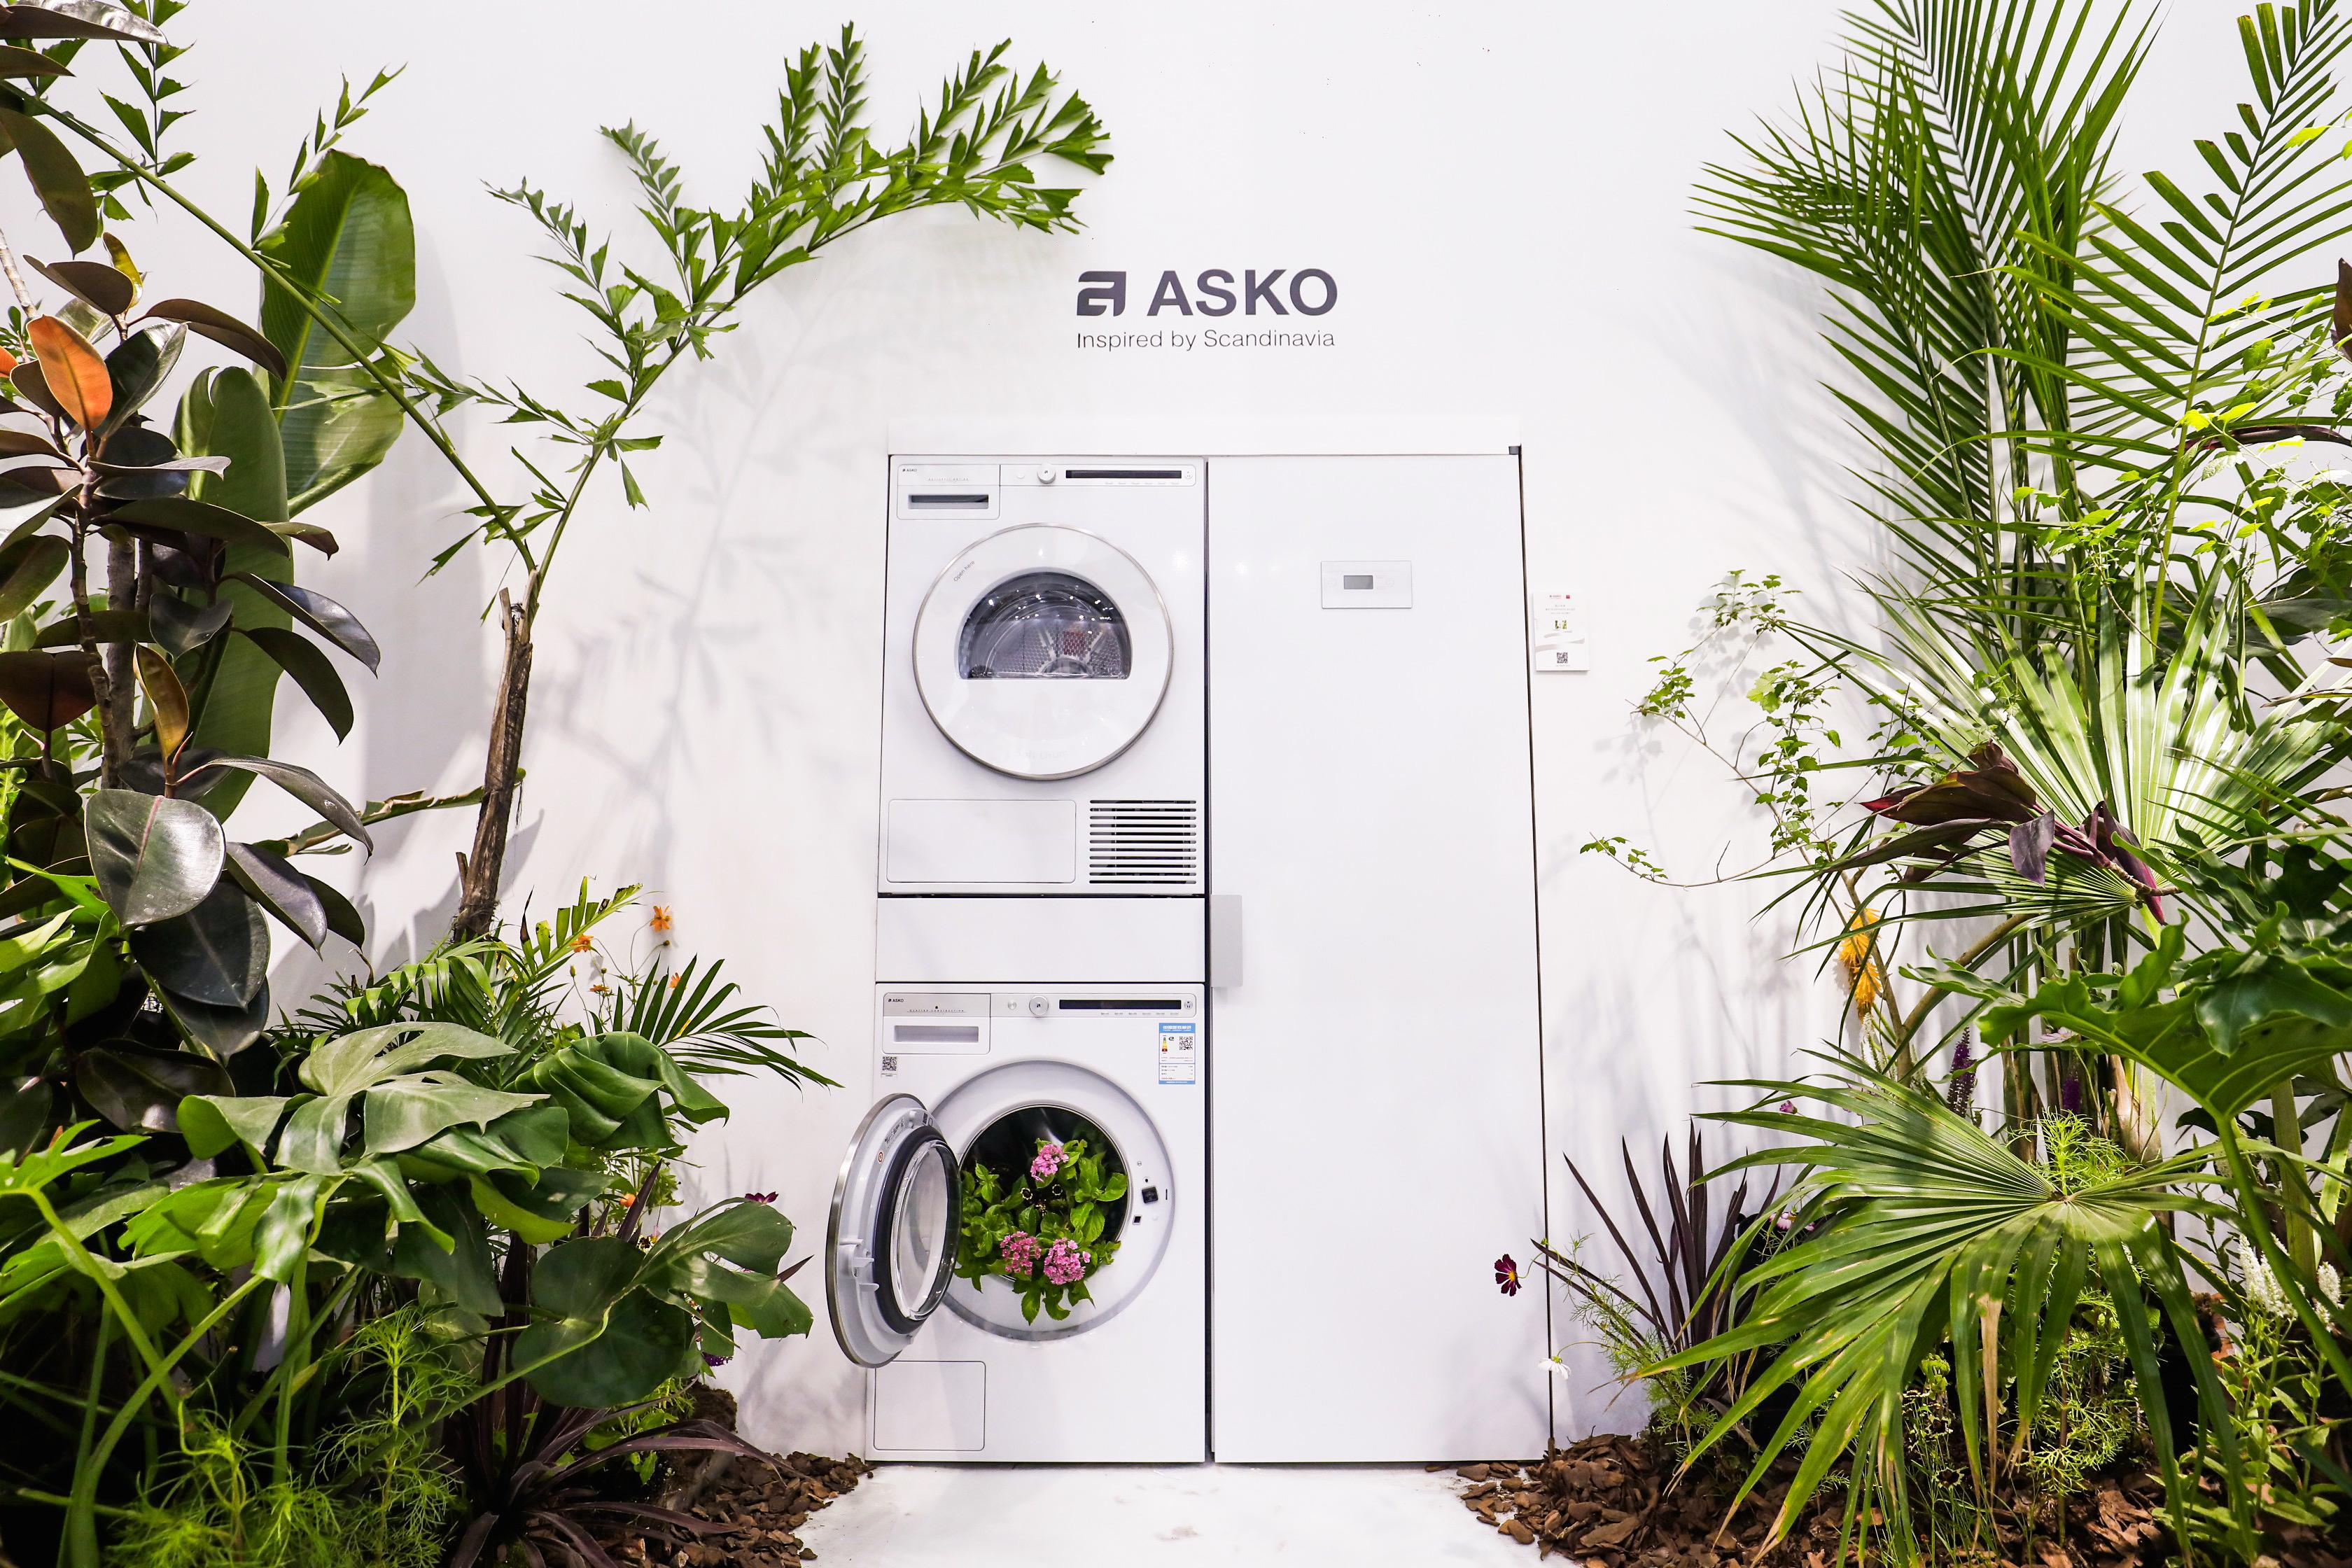 至奢新生 自然与共  ASKO X 设计上海 以再生之名,焕美学人居新篇章插图(3)